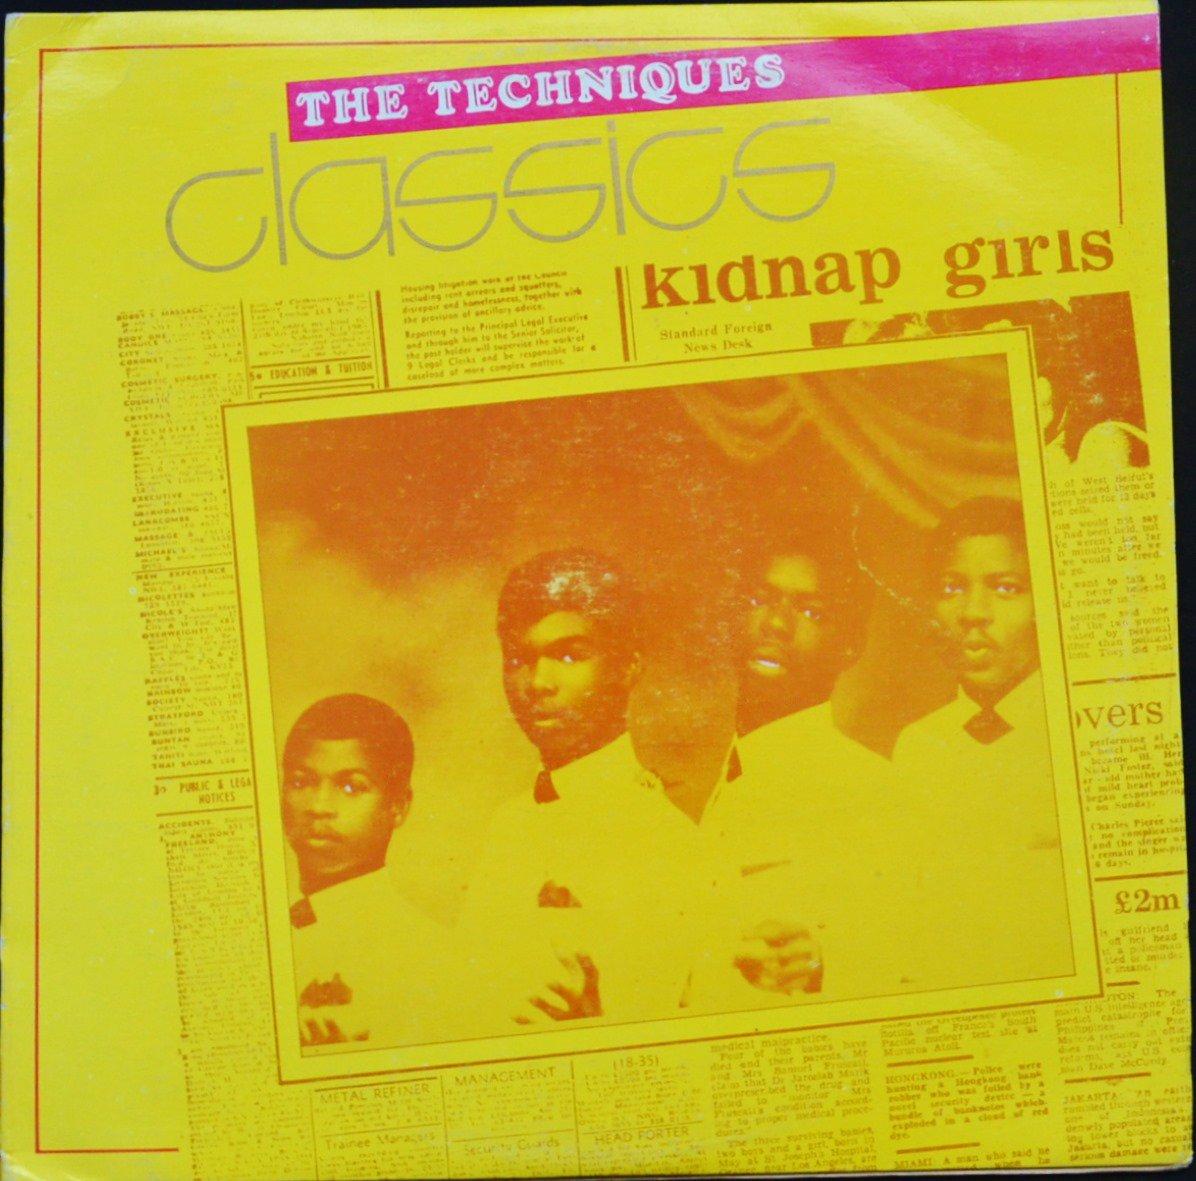 THE TECHNIQUES / CLASSICS (LP)